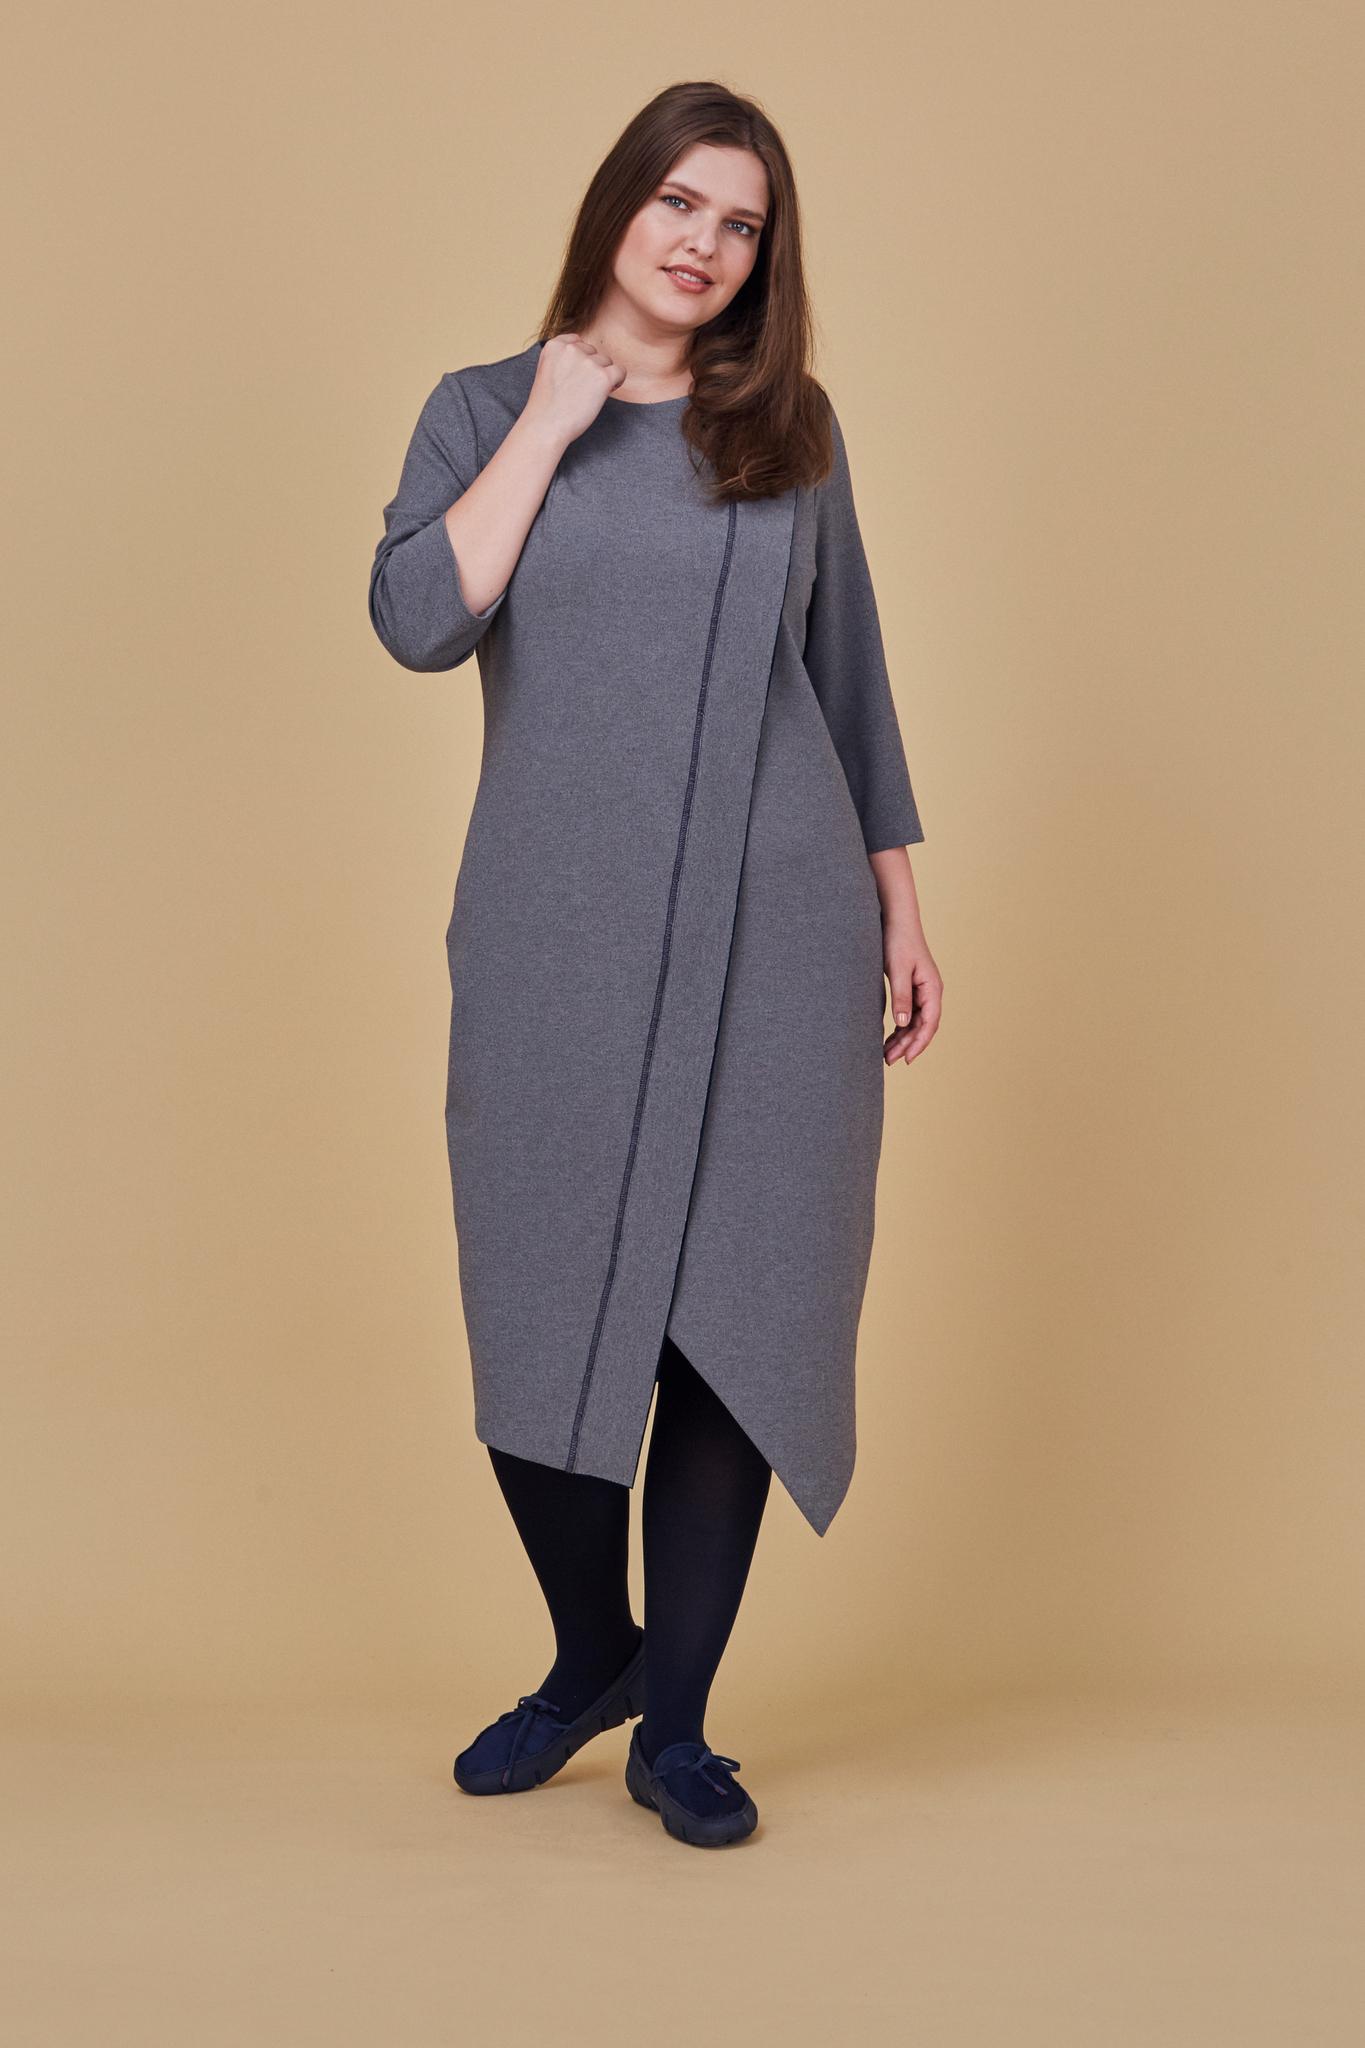 Платье LE-07 D05 06Новинки<br>Платье по косой из мягкого и плотного трикотажа, длиной чуть ниже колена. Свободное, максимально комфортное и ноское. Рукава 5/6, карманы в боковых швах Идеально для офиса и для прогулок. Рост модели на фото 178 см, размер 54 (российский).<br>